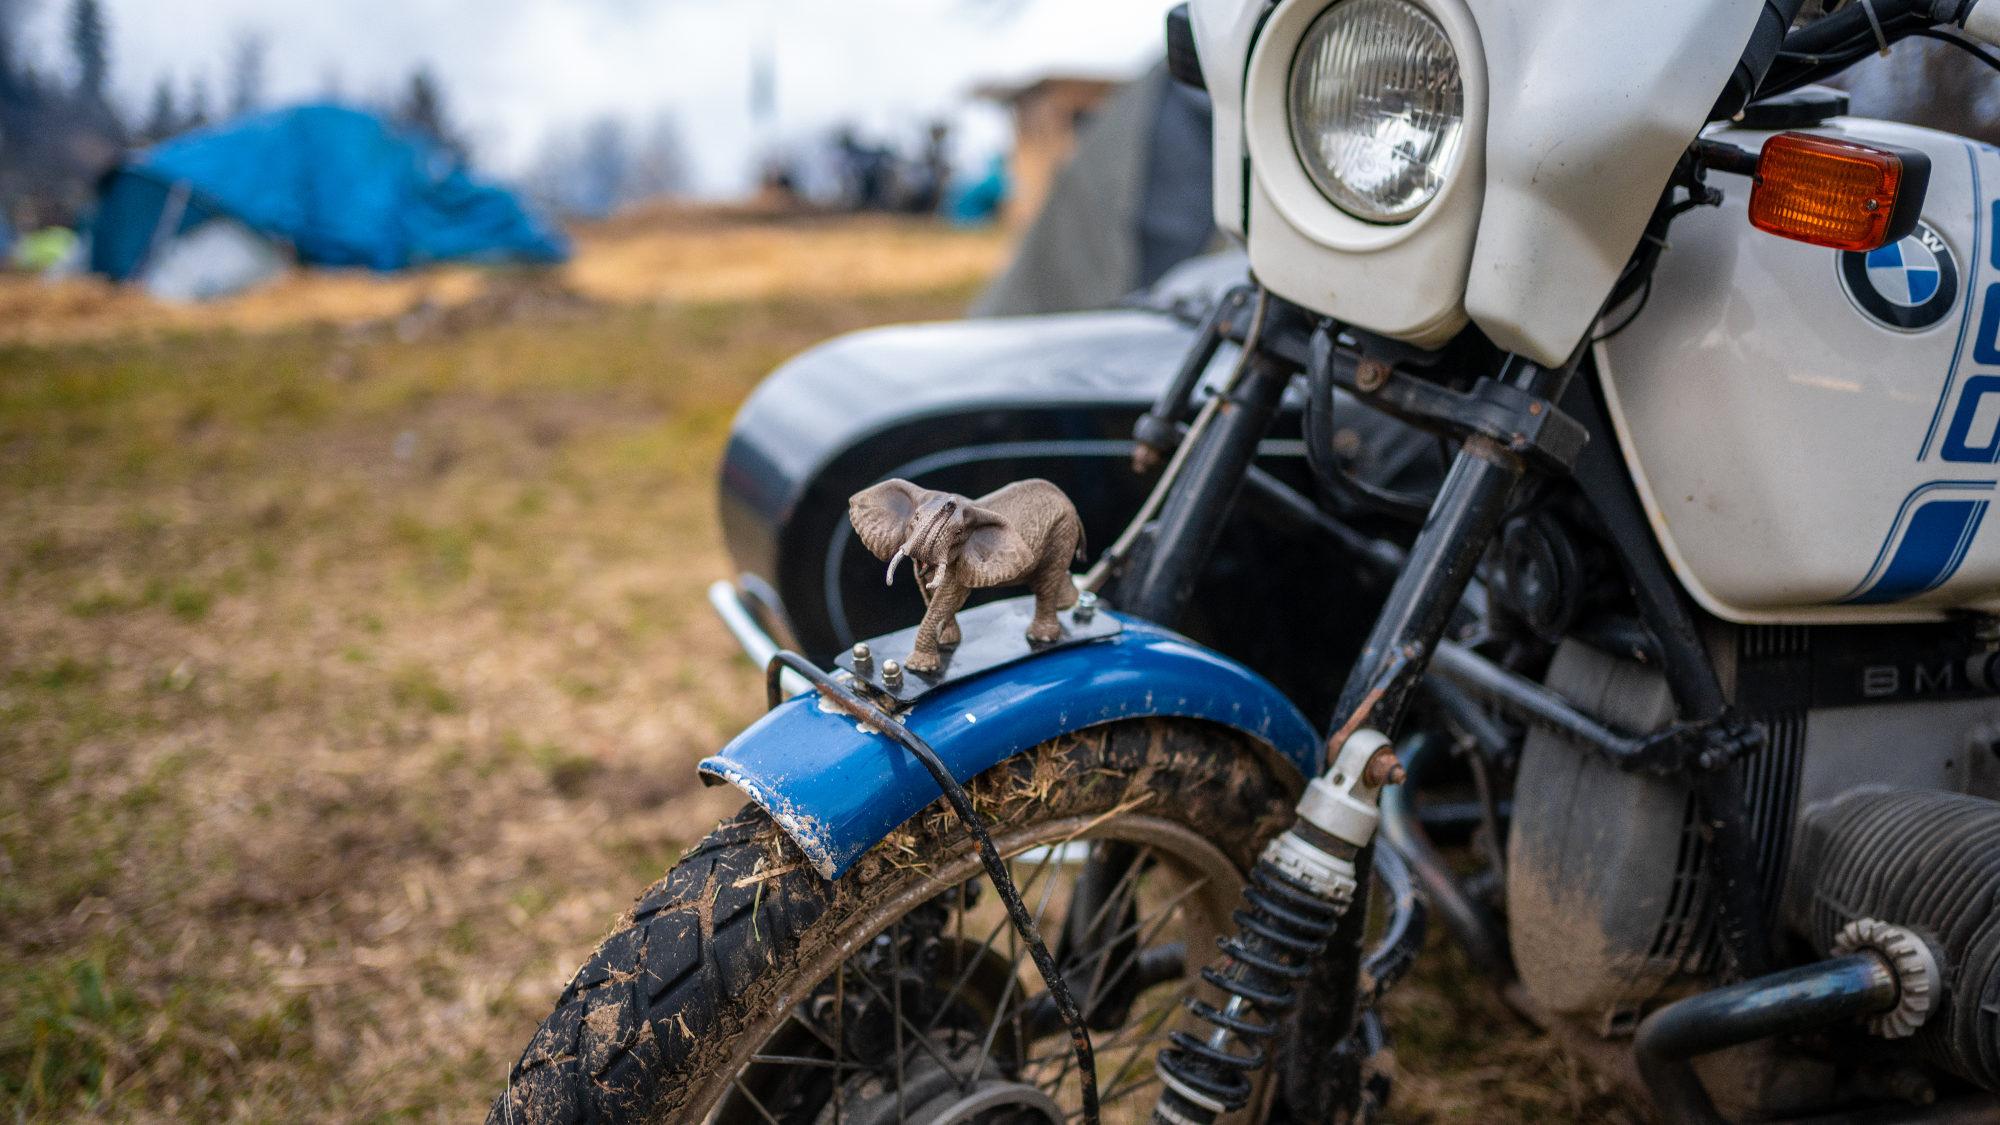 Garde-boue de moto orné d'un éléphant